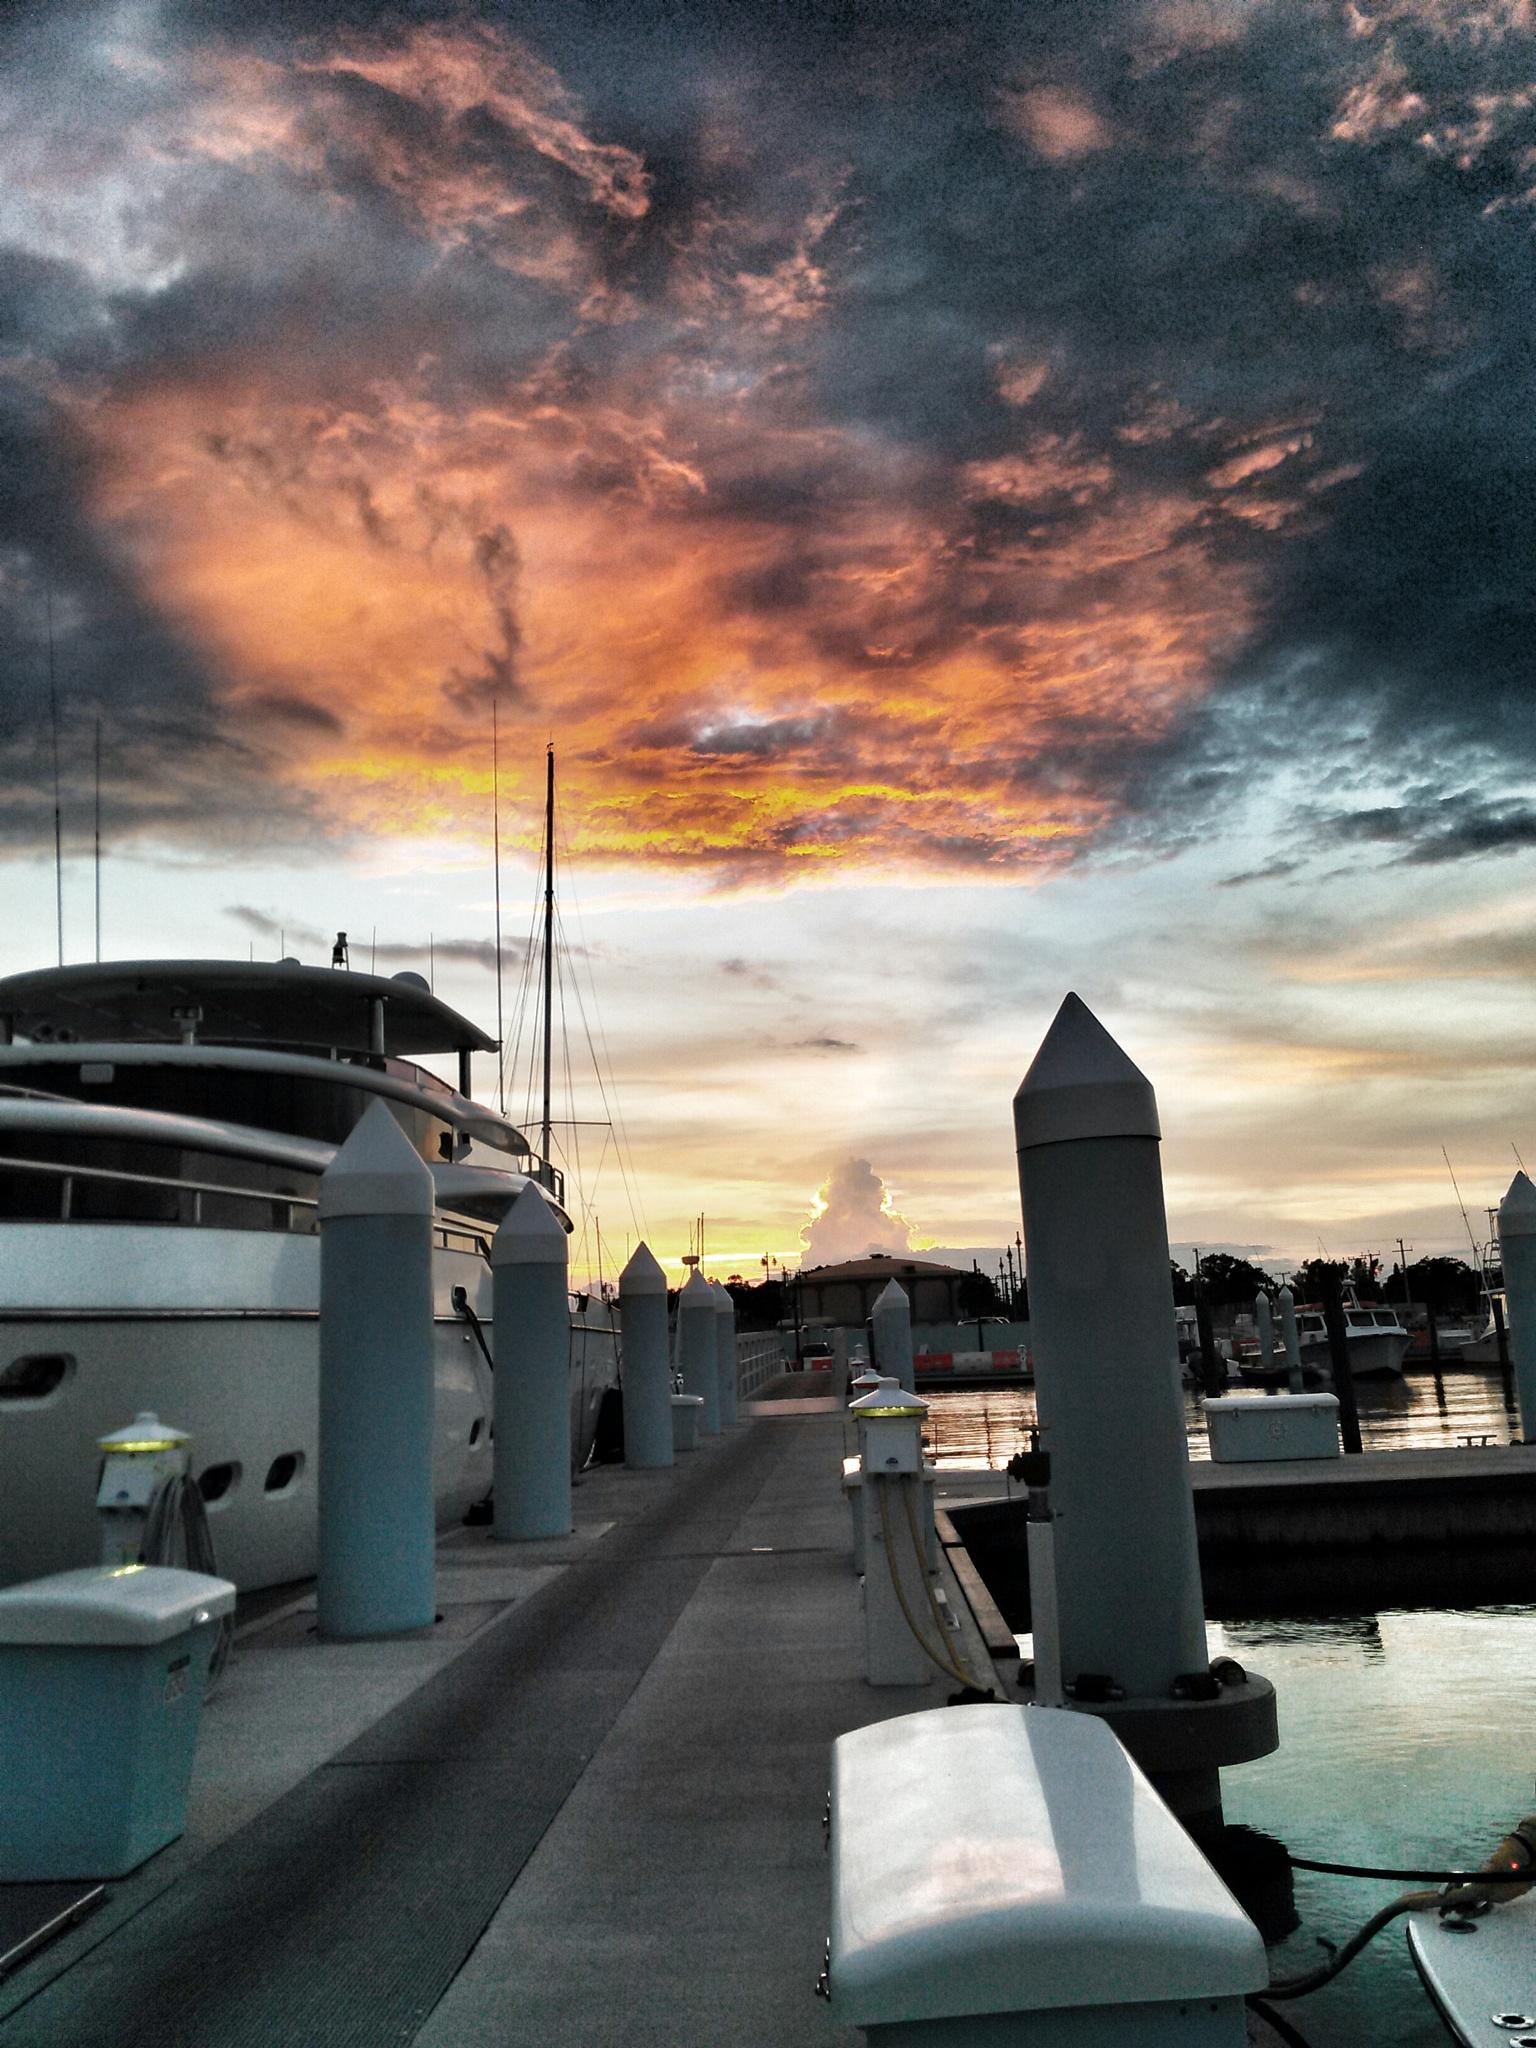 Beautiful evening sky by Susan Renfrow